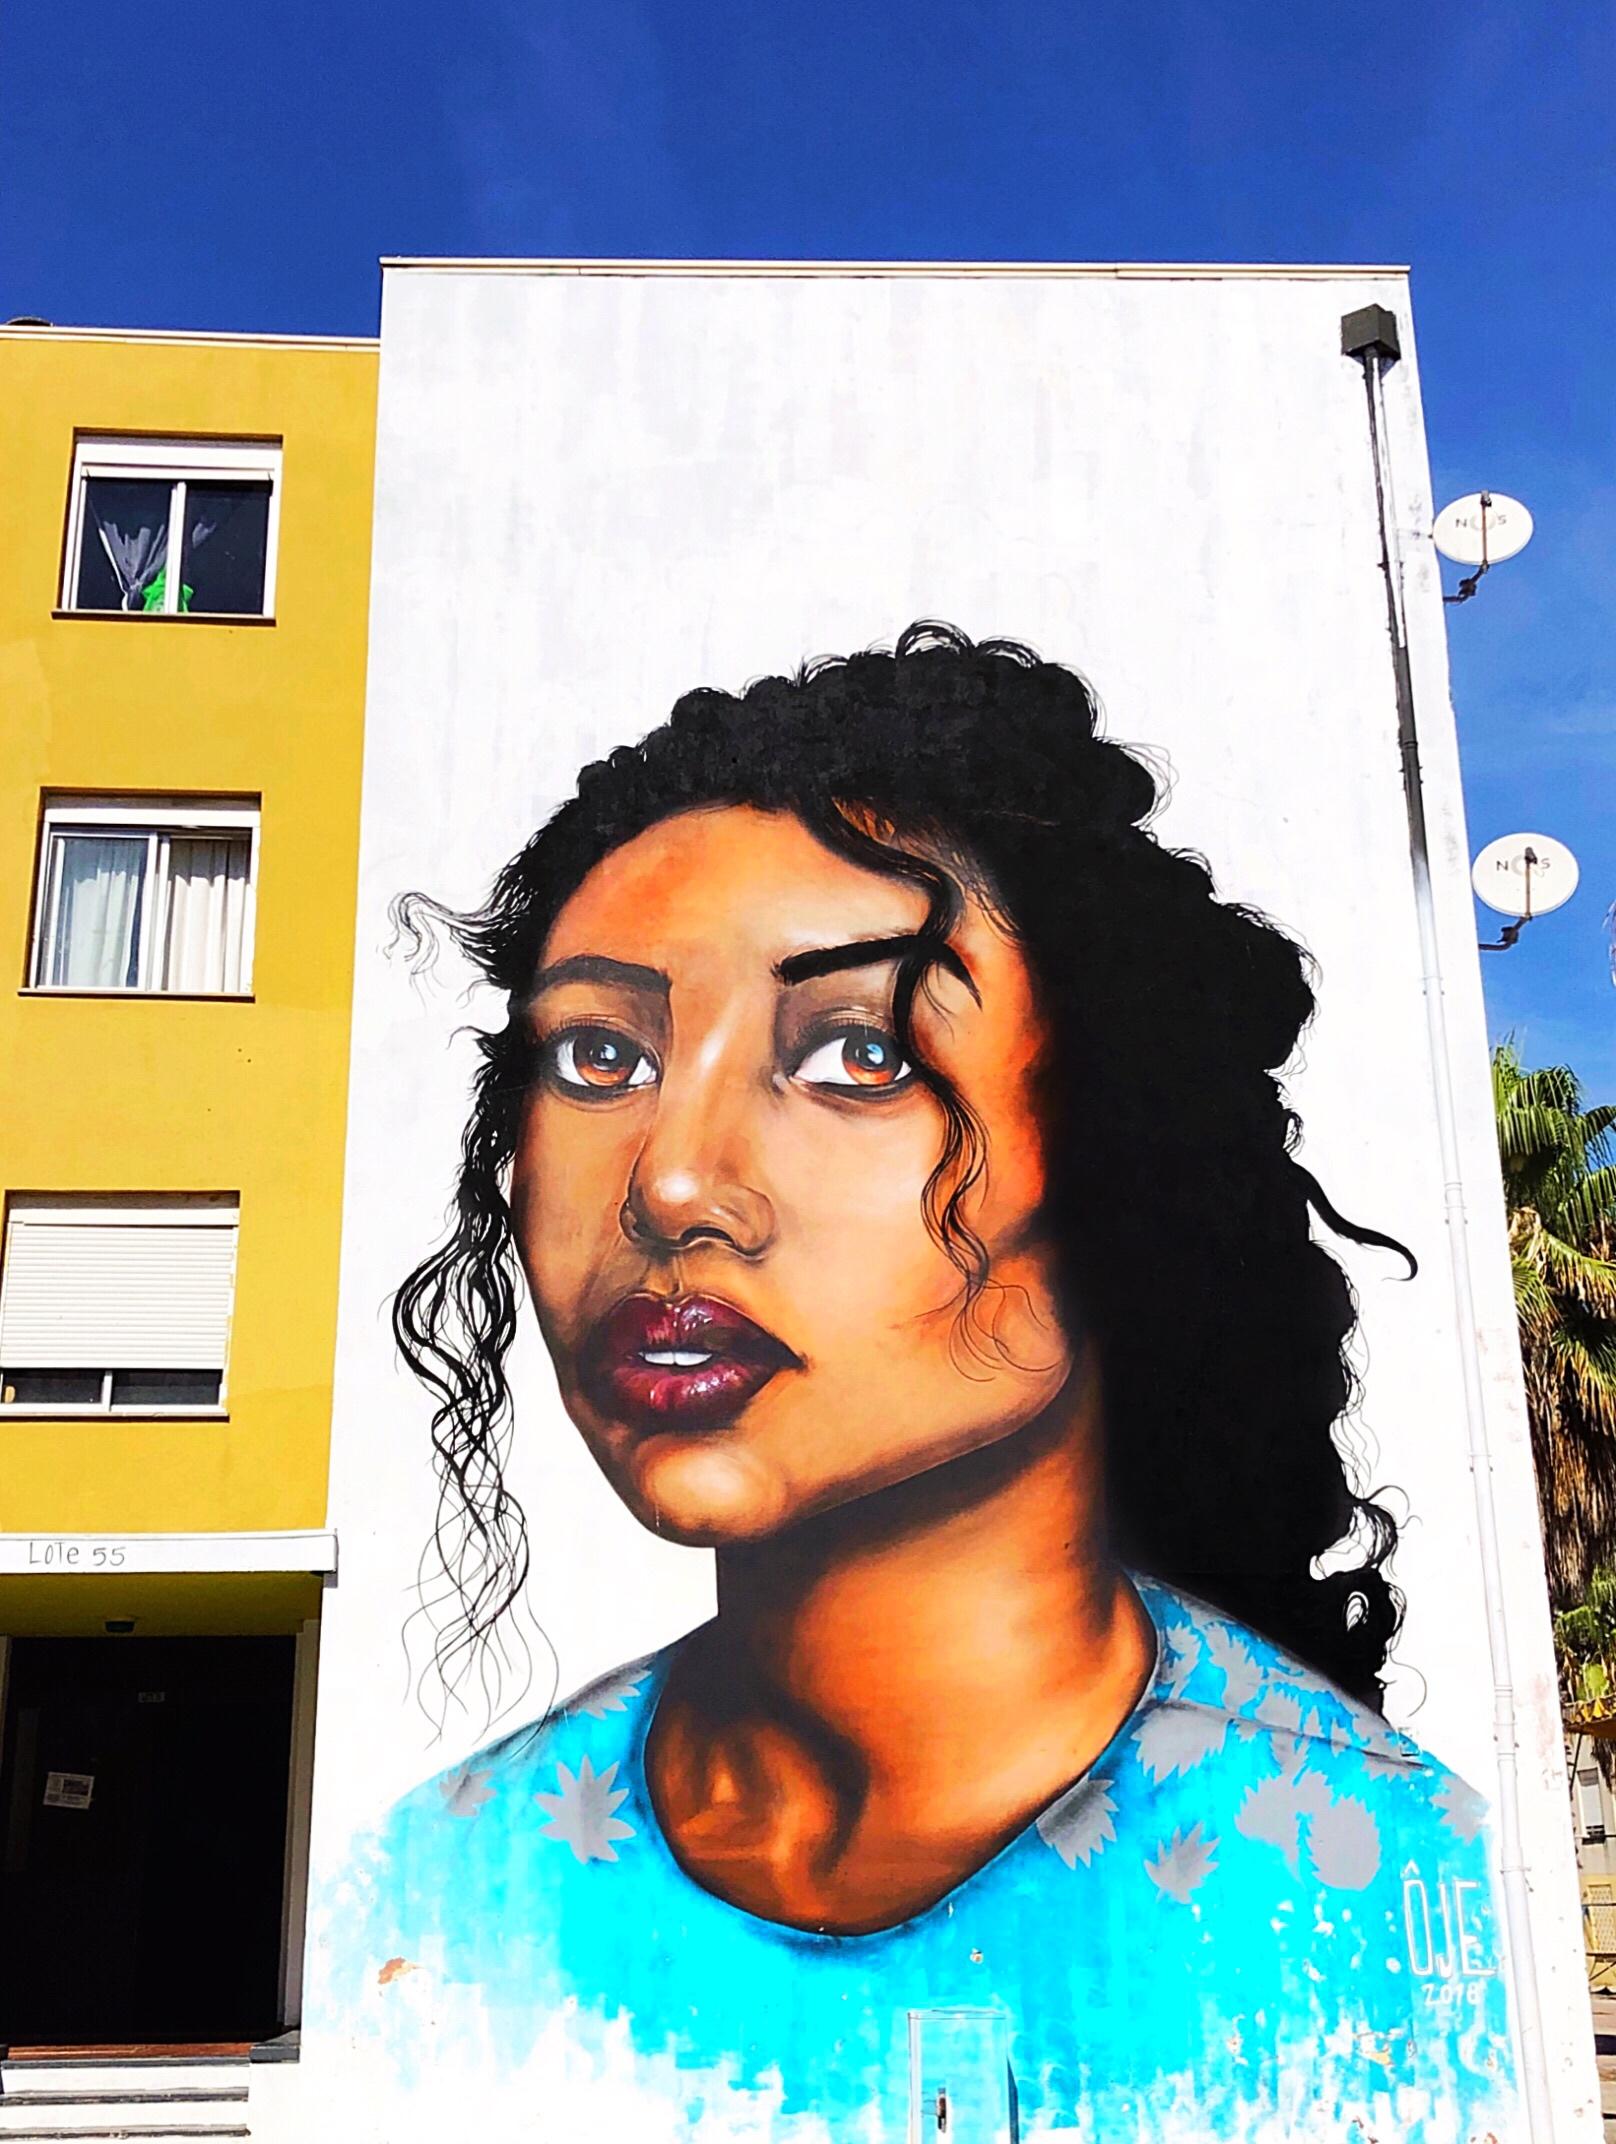 Art by ÔJE artist